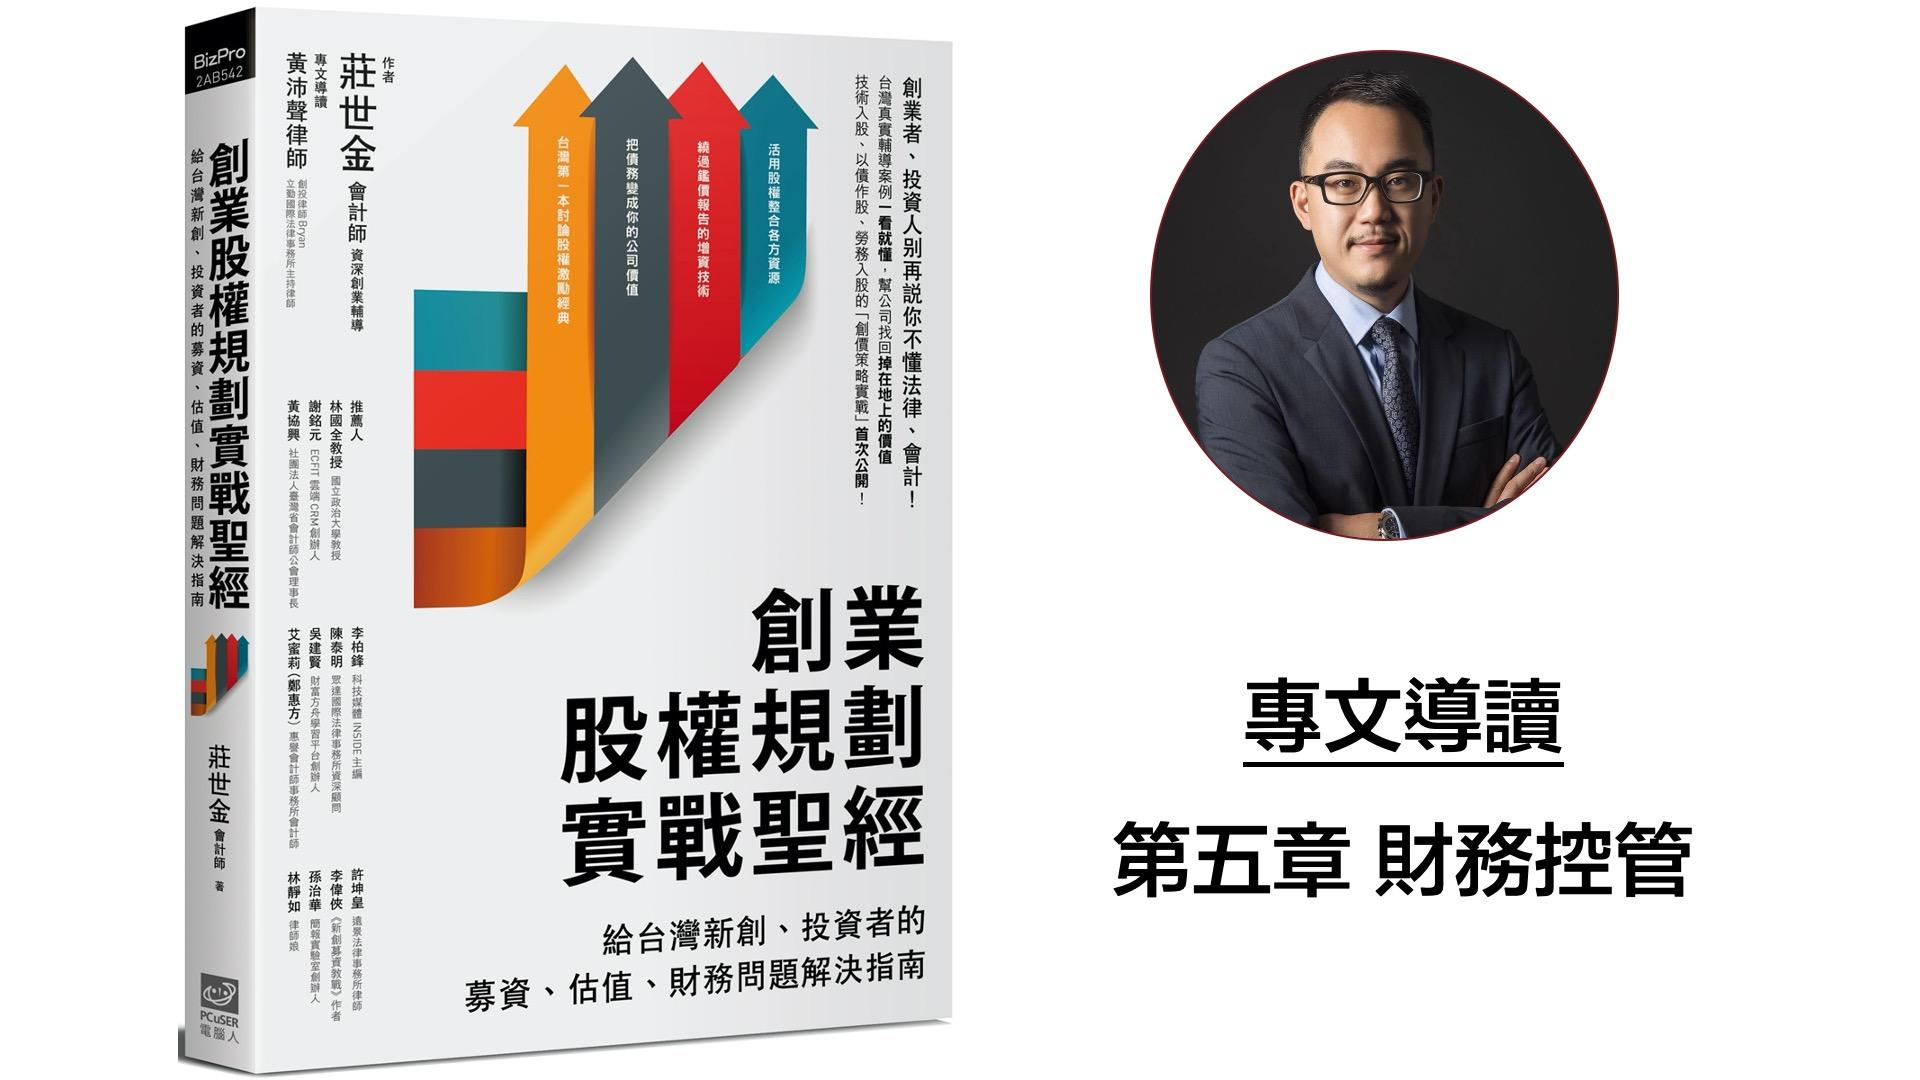 黃沛聲-第五章,台灣公司兩套帳習慣,看財務控管對股權結構的重要